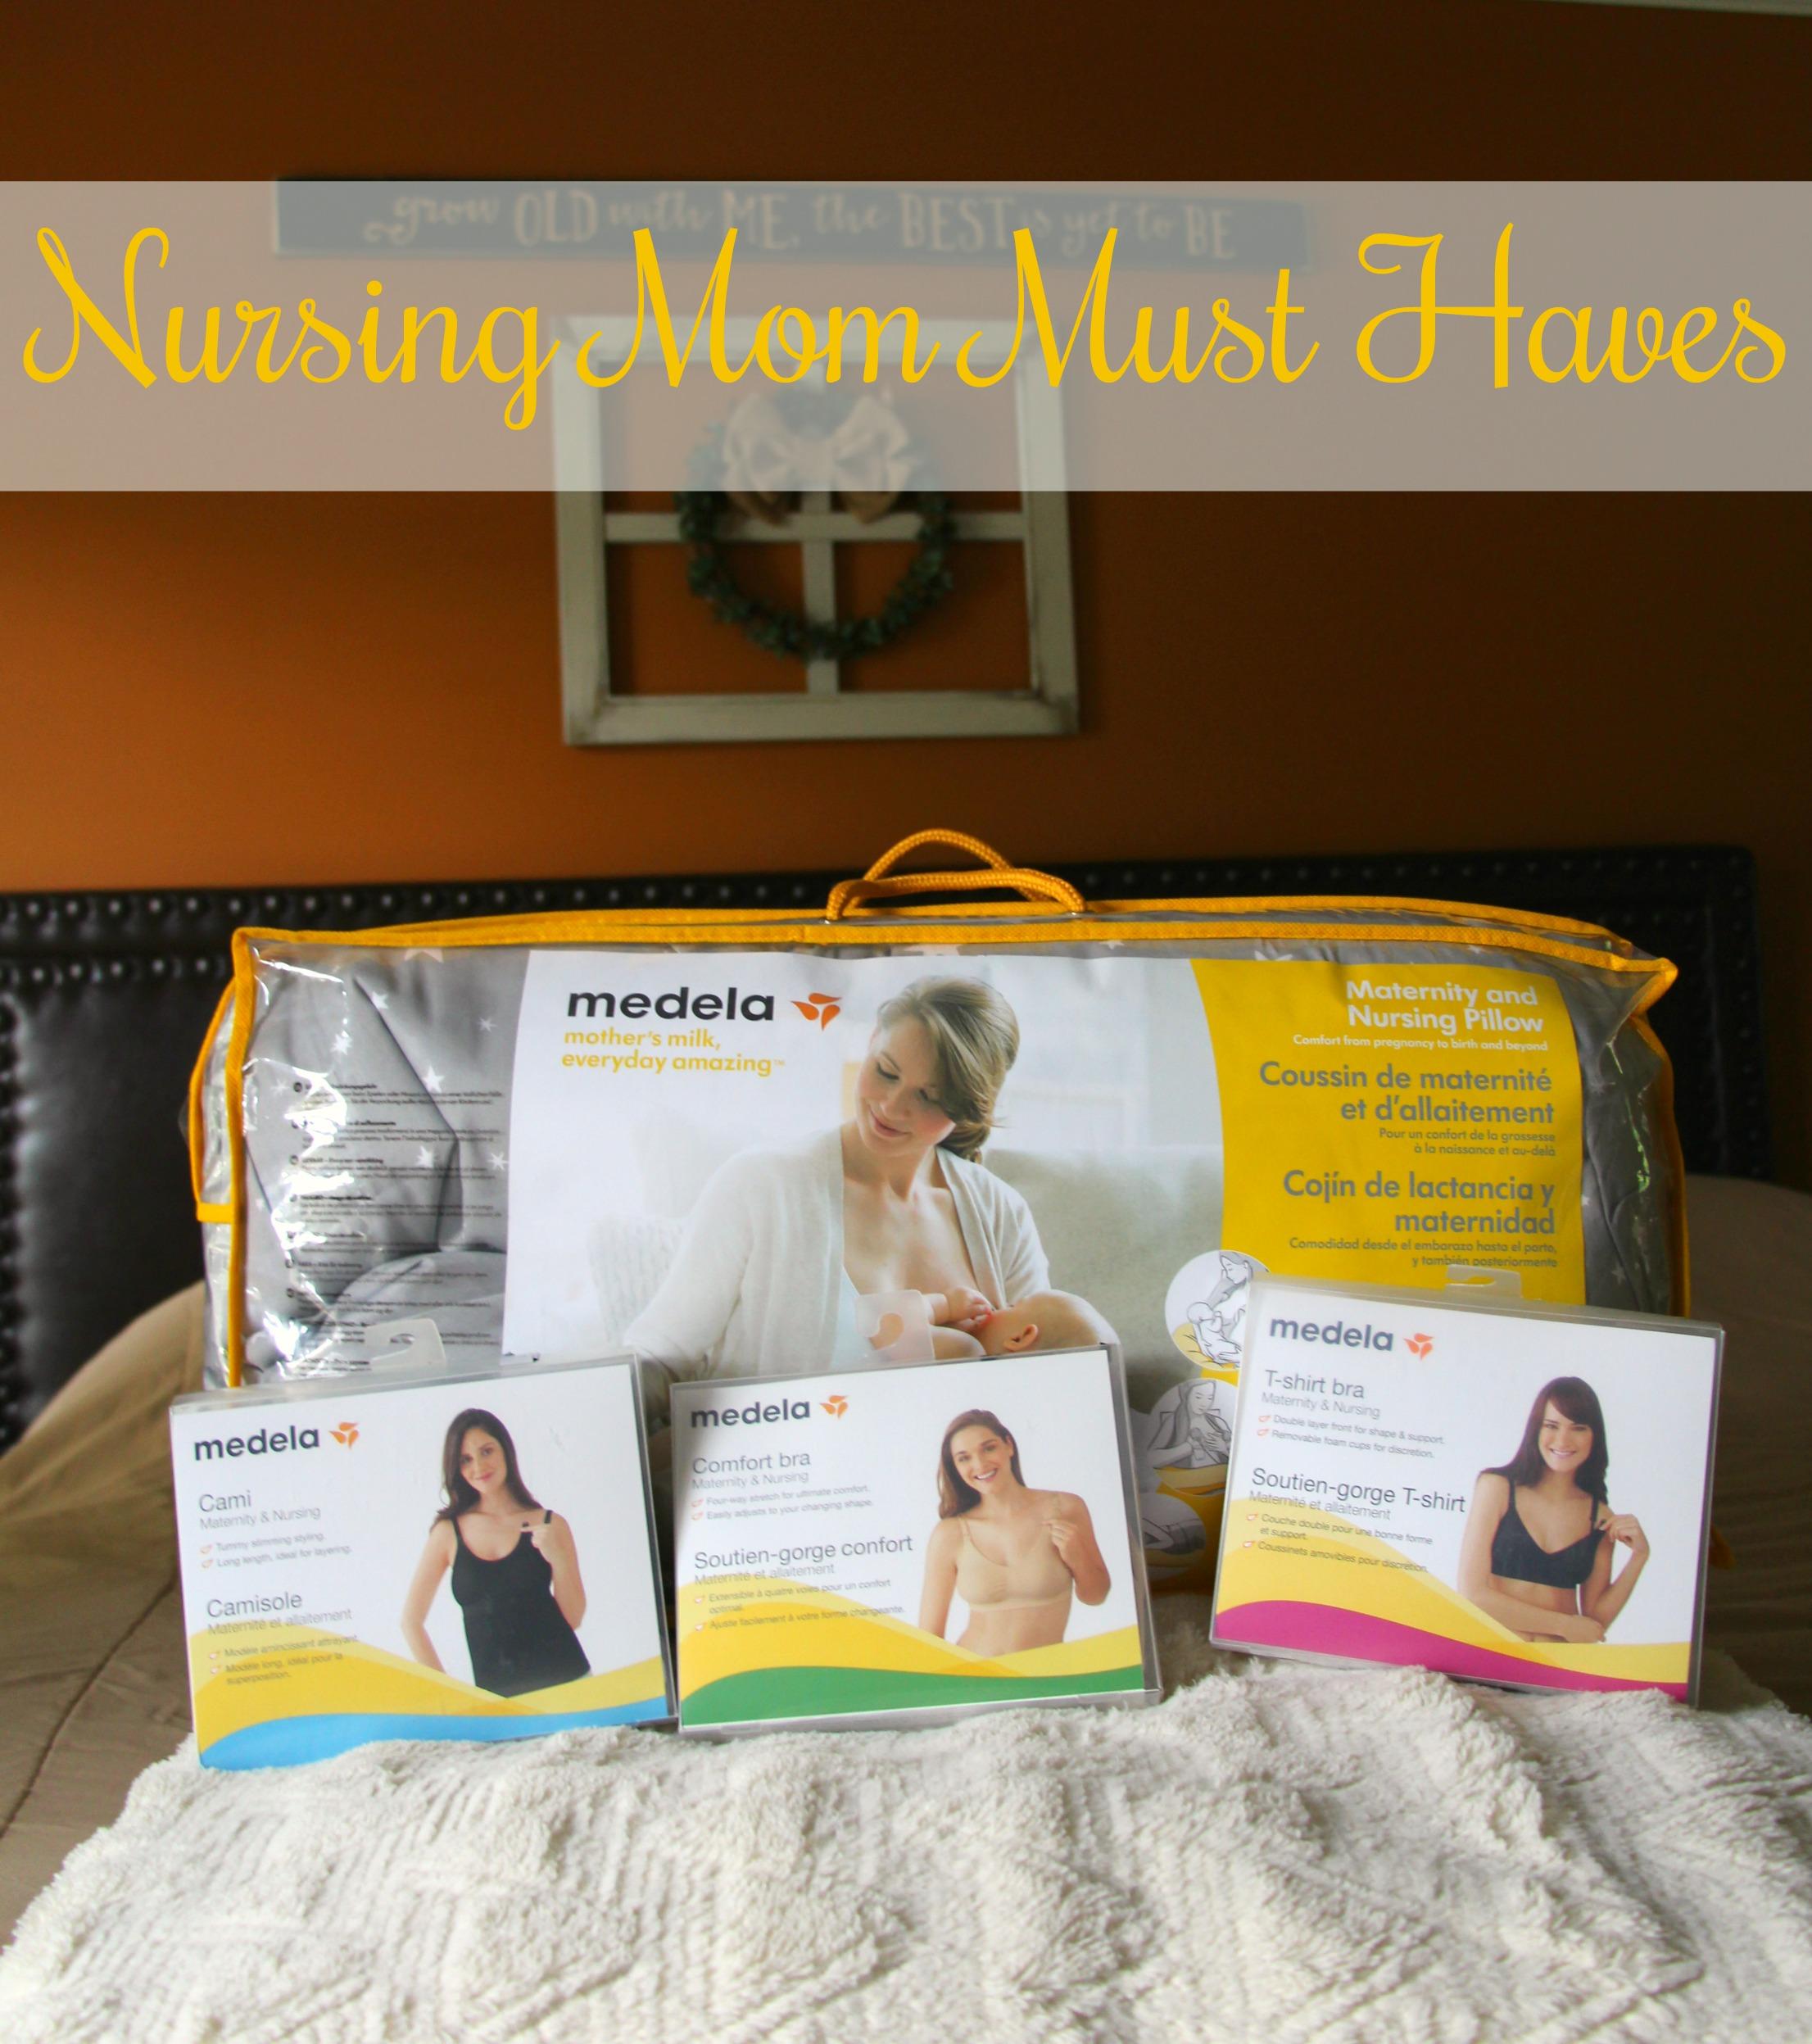 Nursing Mom Must Haves